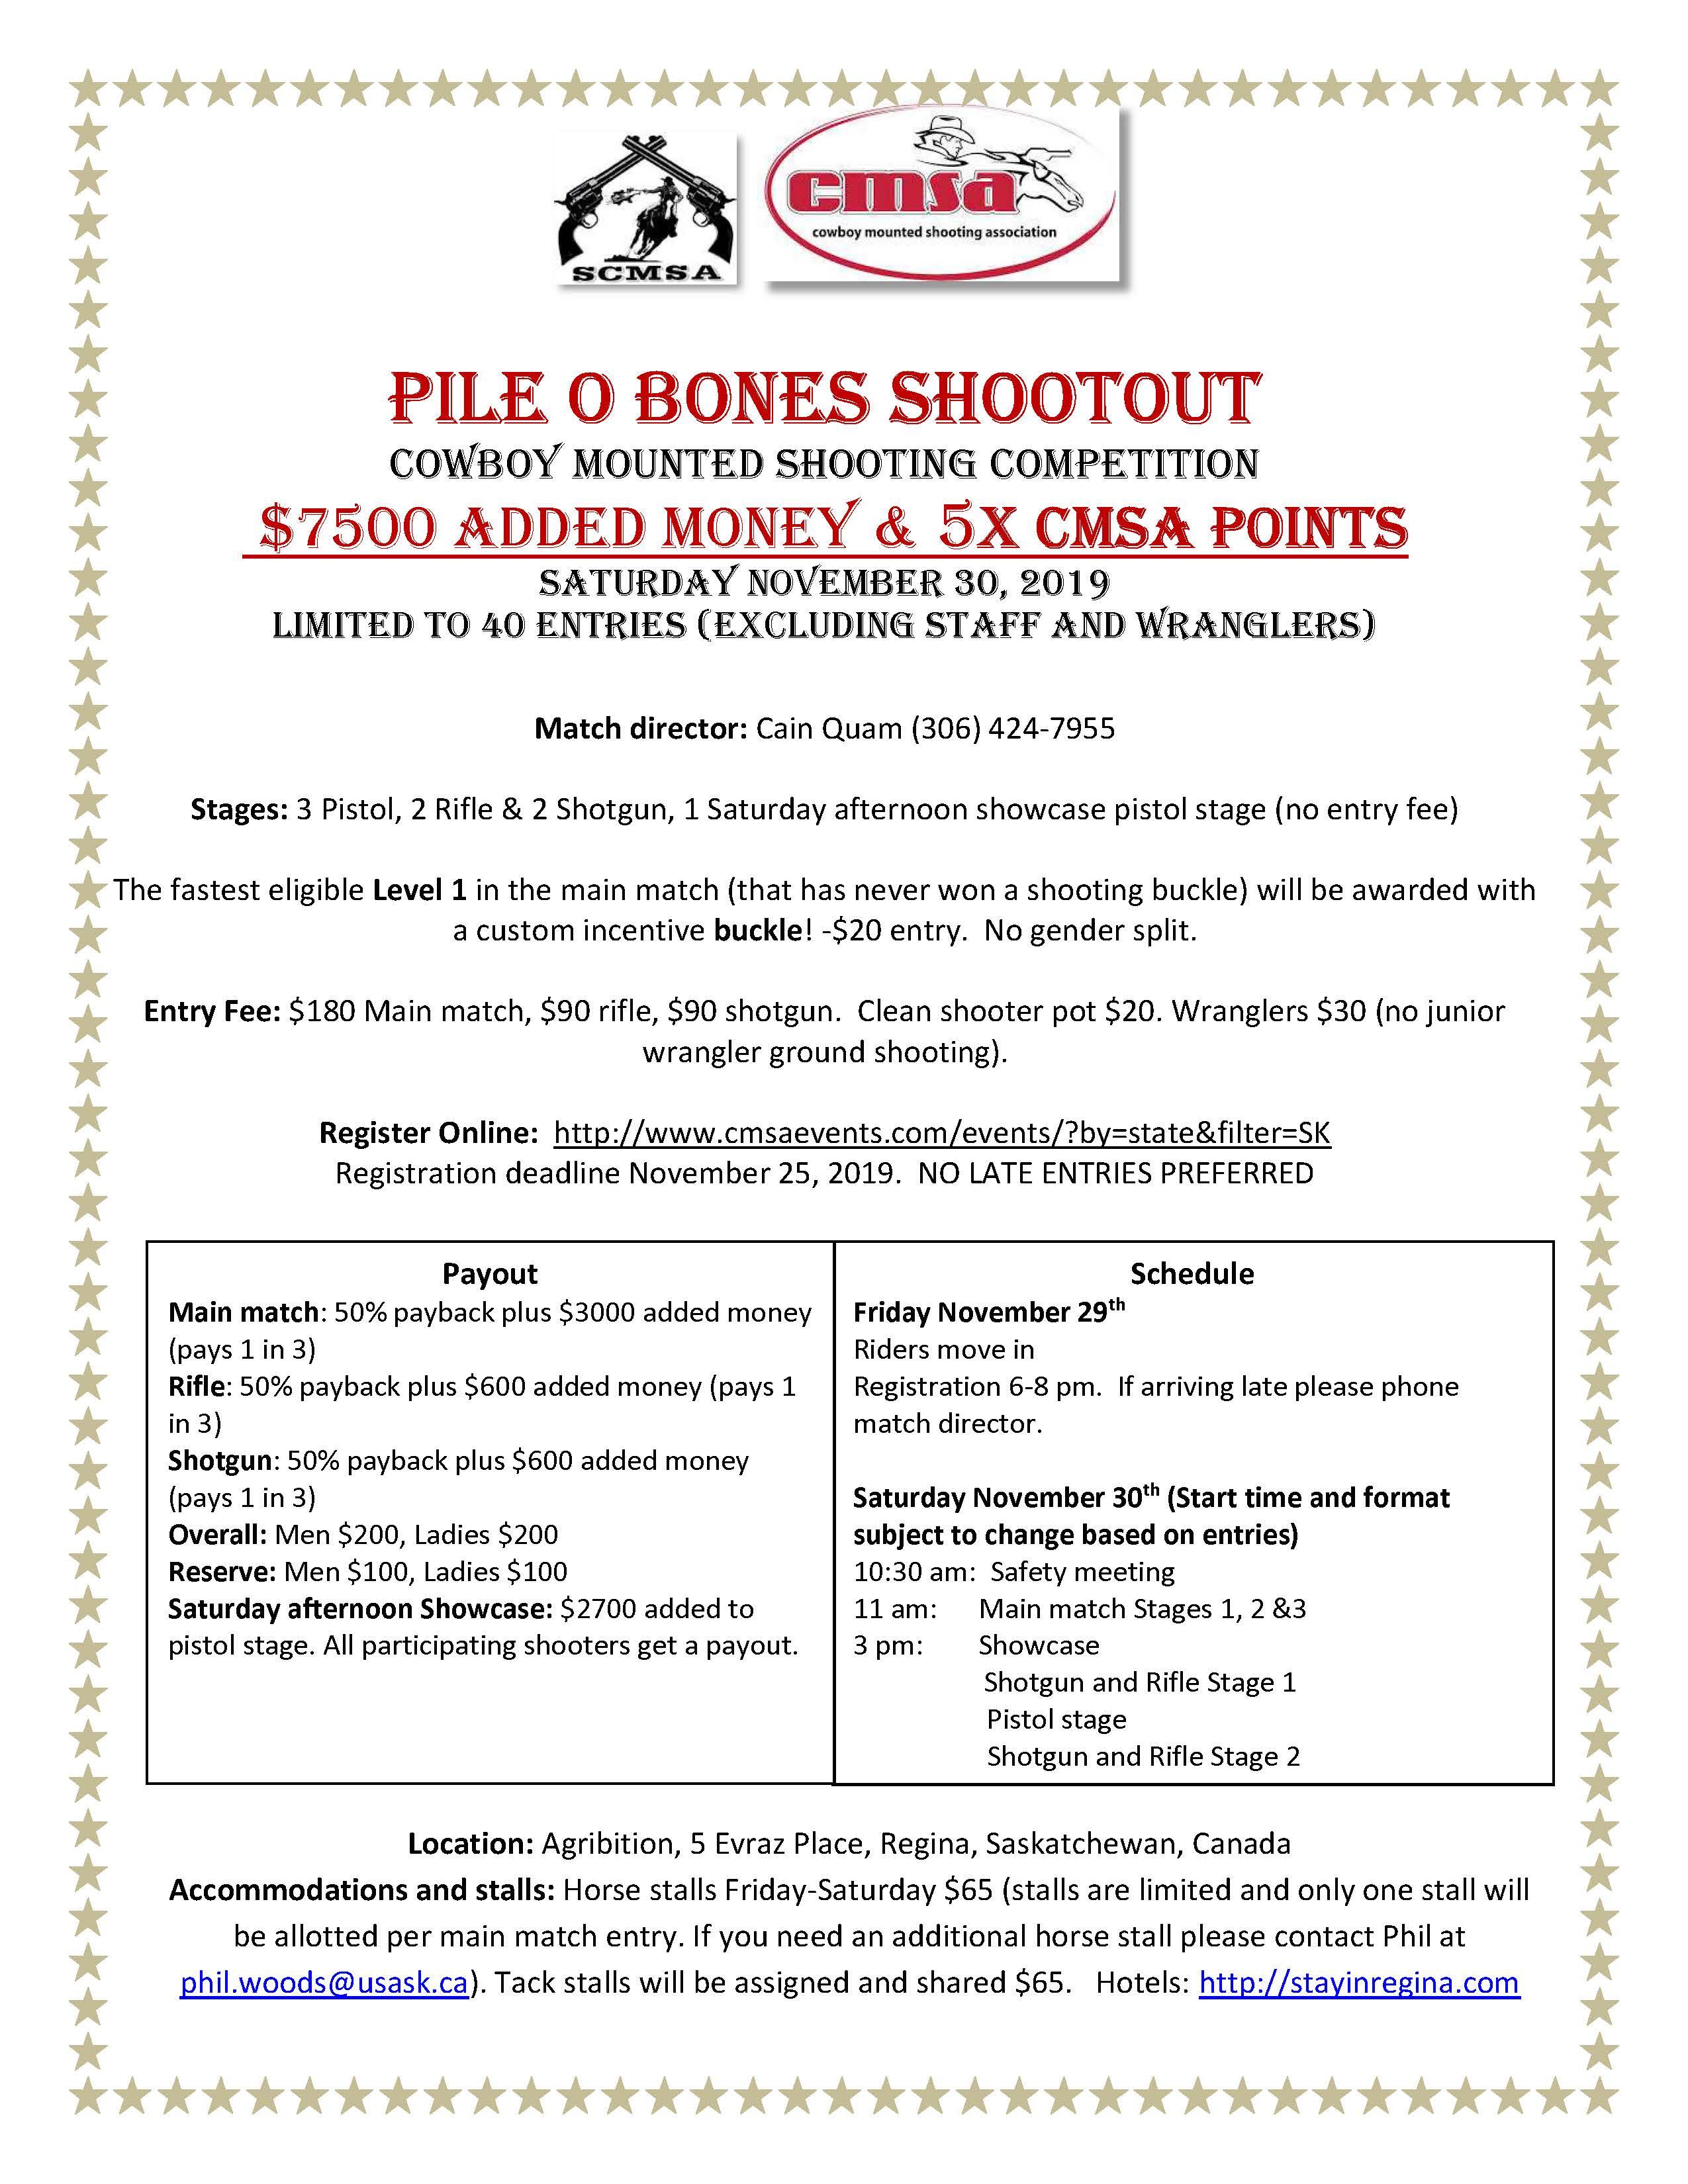 Pile O' Bones shootout